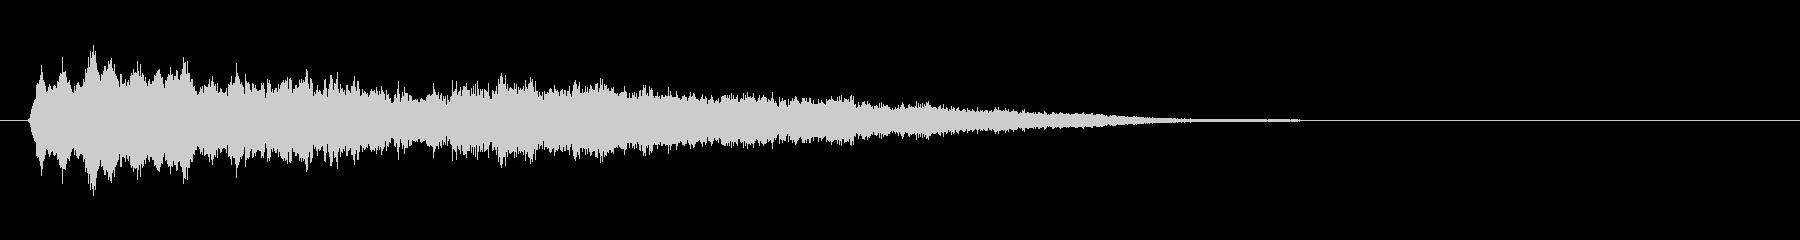 テーマ28:文字列の未再生の波形